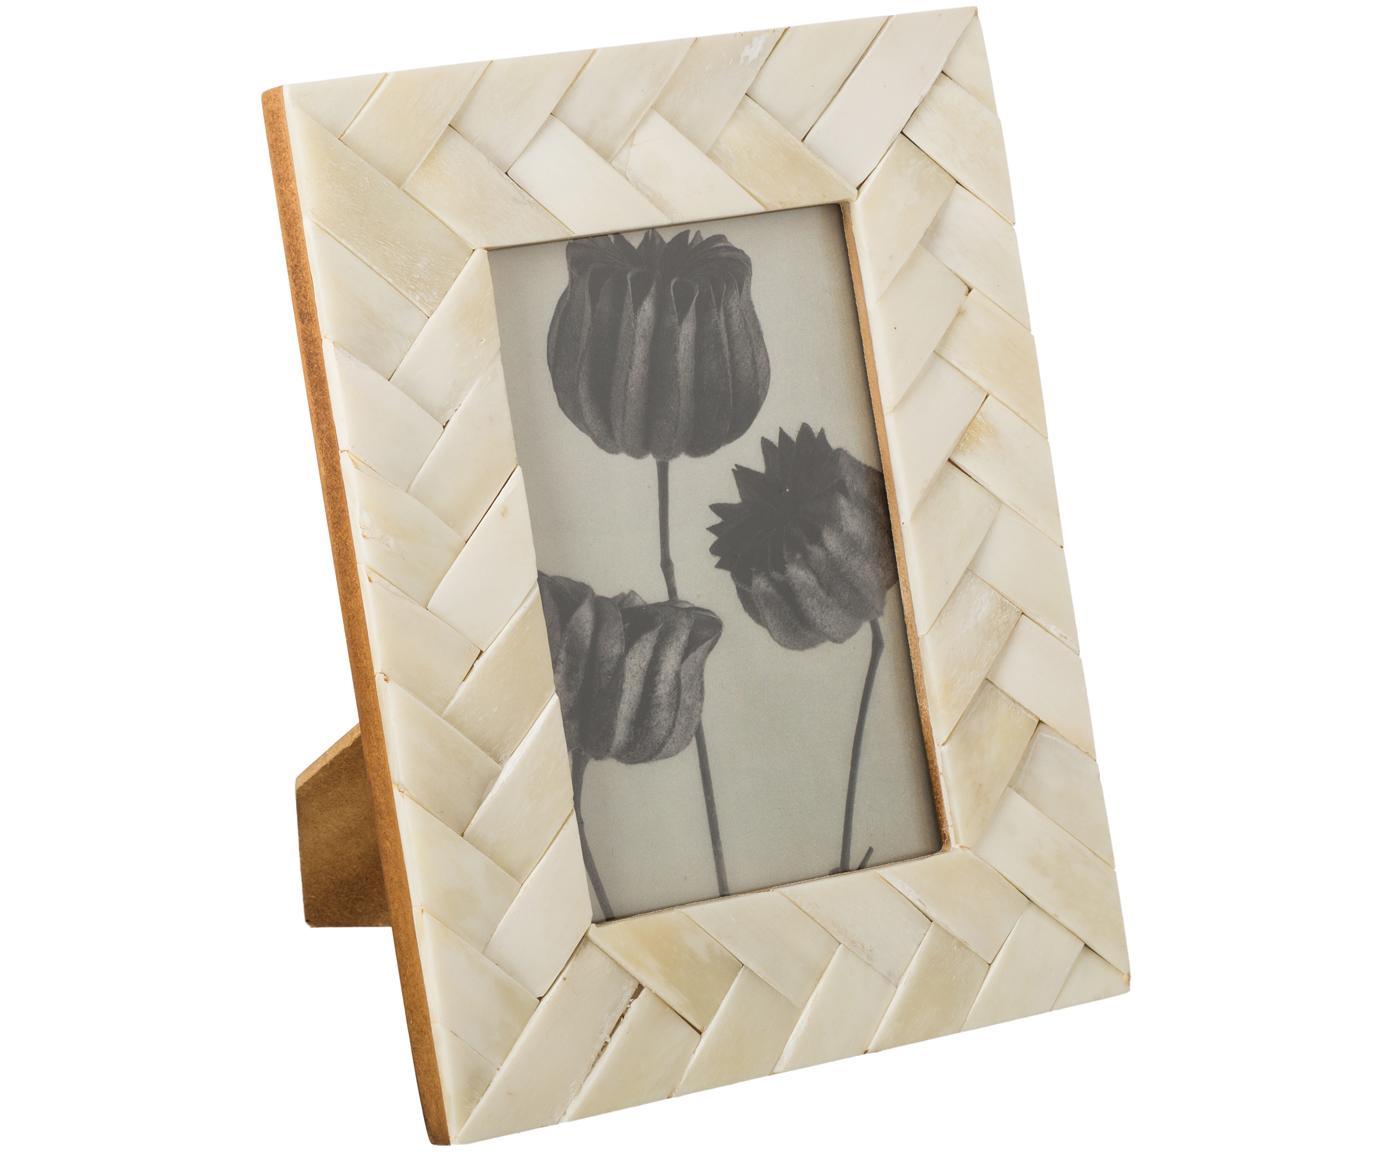 Bilderrahmen Balou, Rahmen: Büffelknochen, Front: Glas, Rückseite: Mitteldichte Holzfaserpla, Elfenbeinfarben, 10 x 10 cm